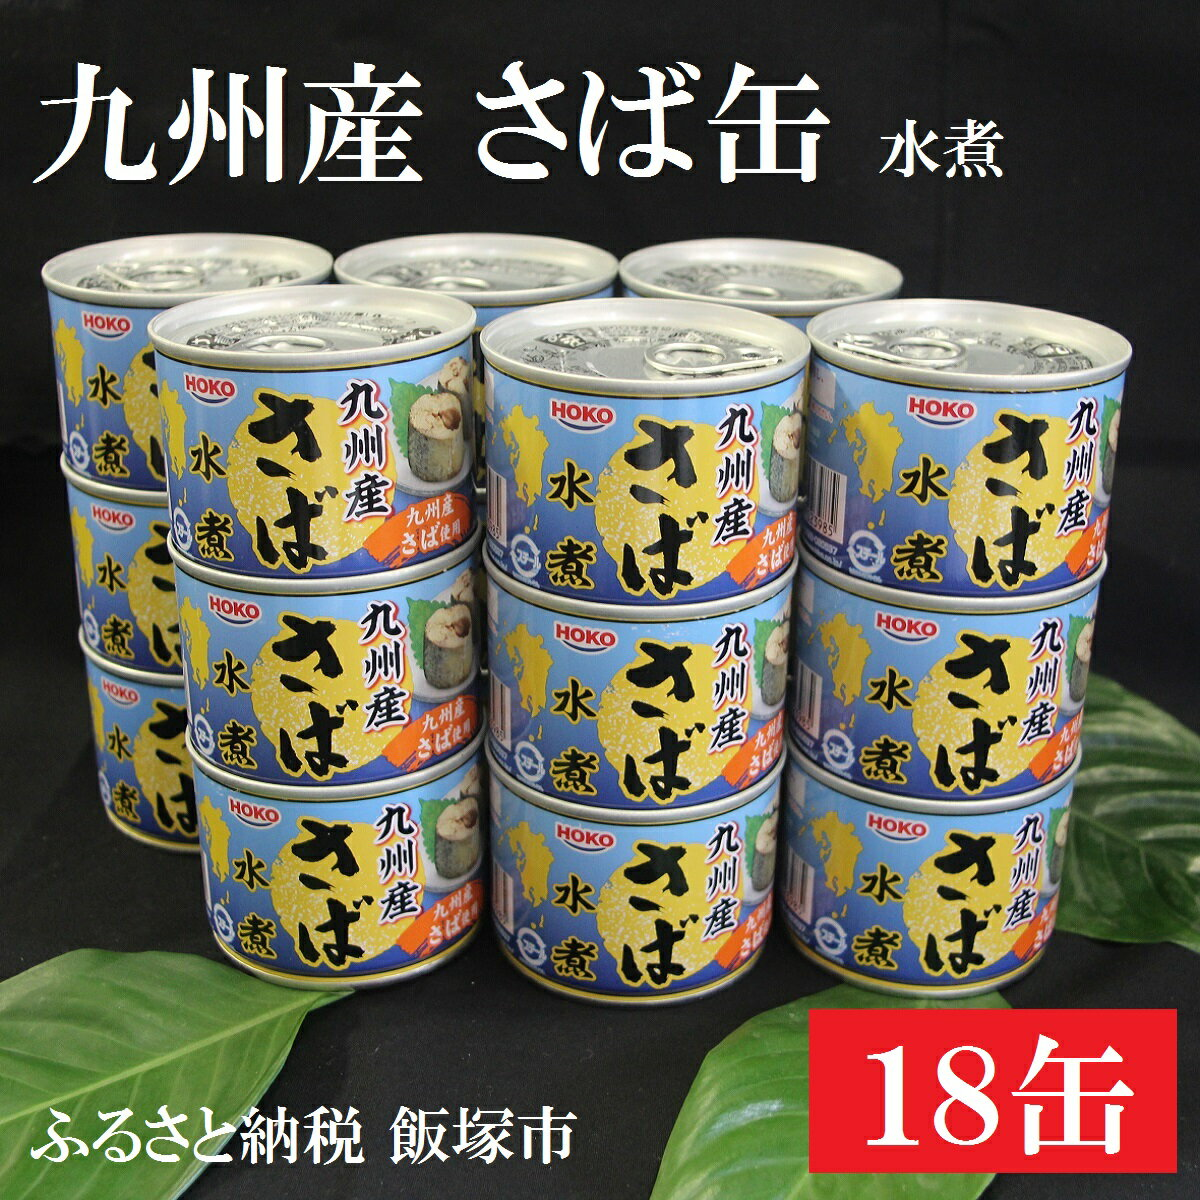 【ふるさと納税】【A185】九州産 さば水煮缶(18缶)